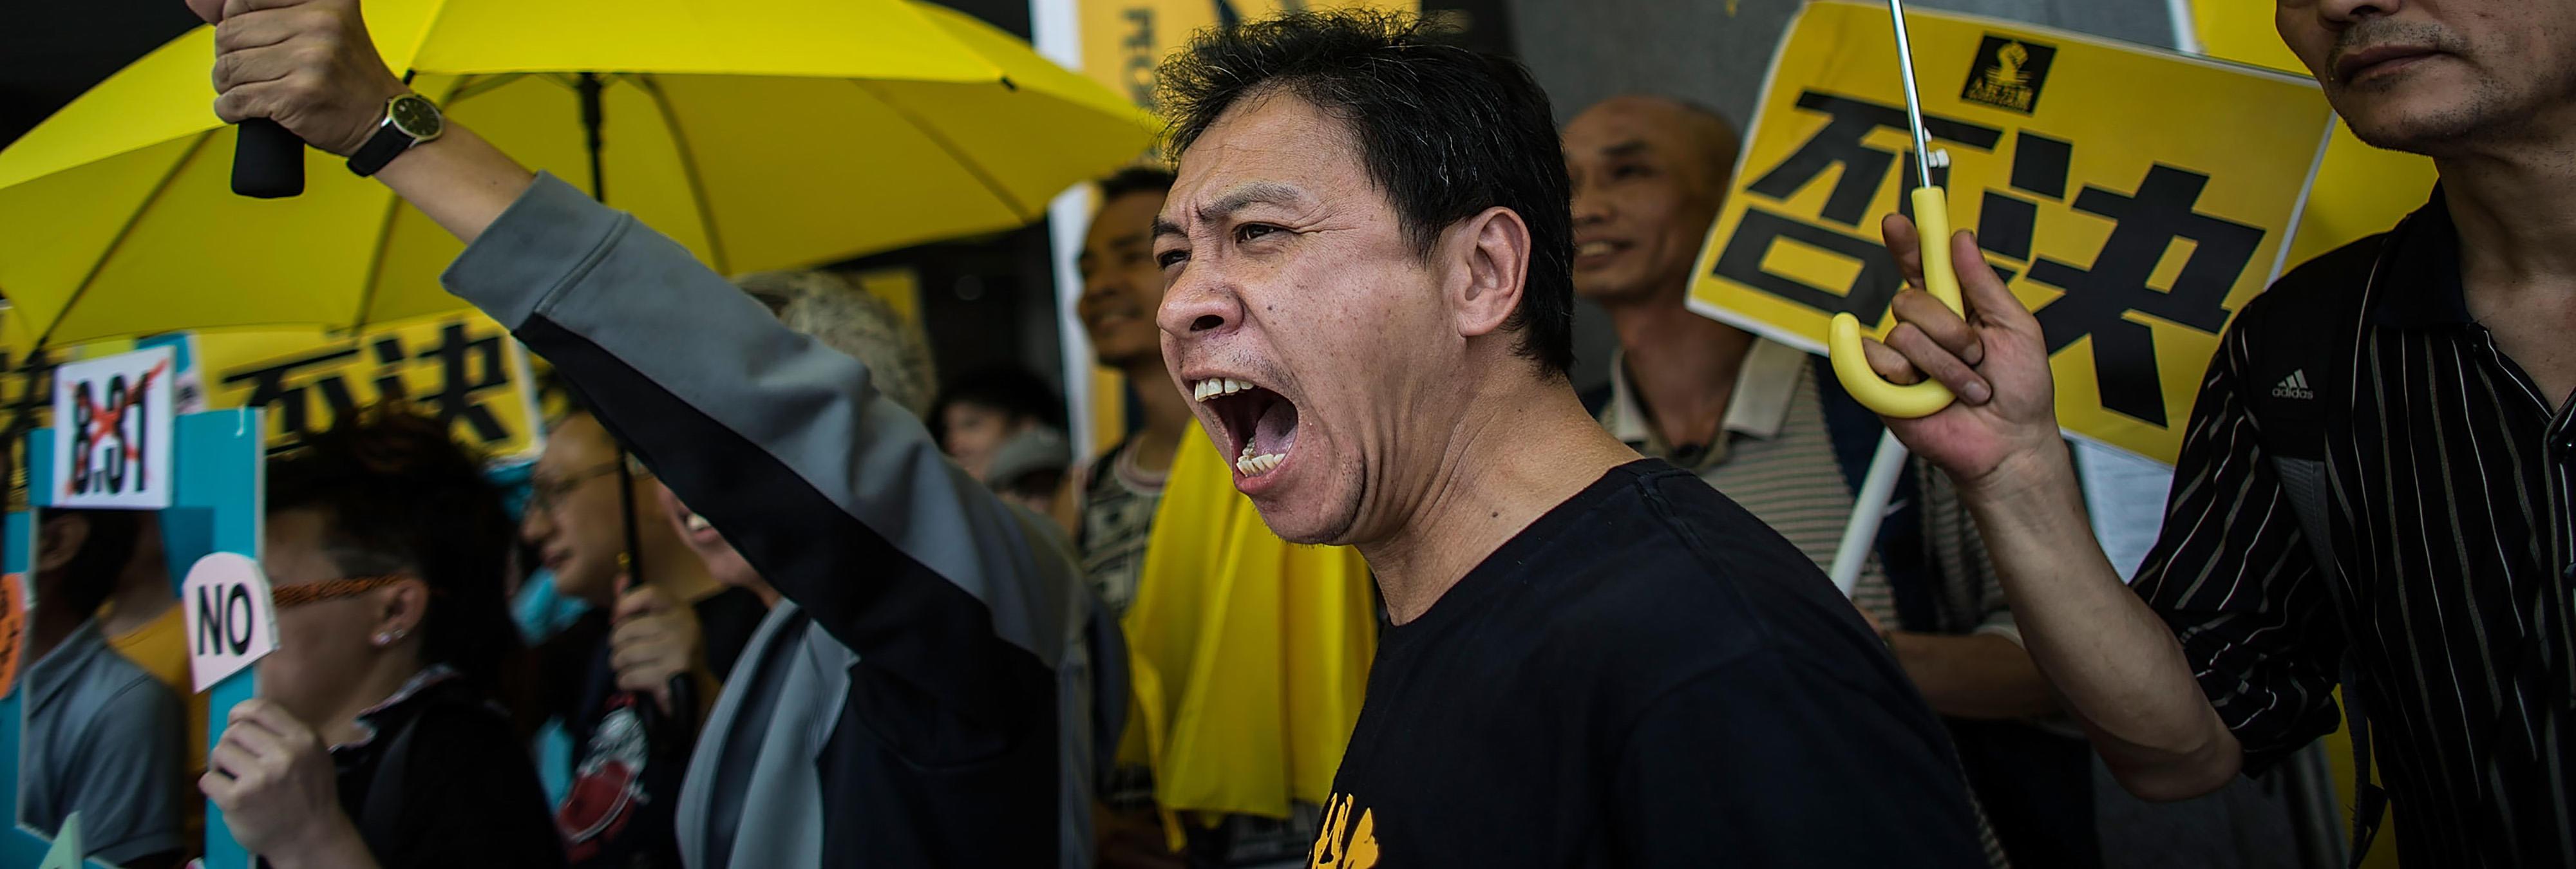 Así fue la revuelta china que permitió votar democráticamente a los ciudadanos de un pueblo